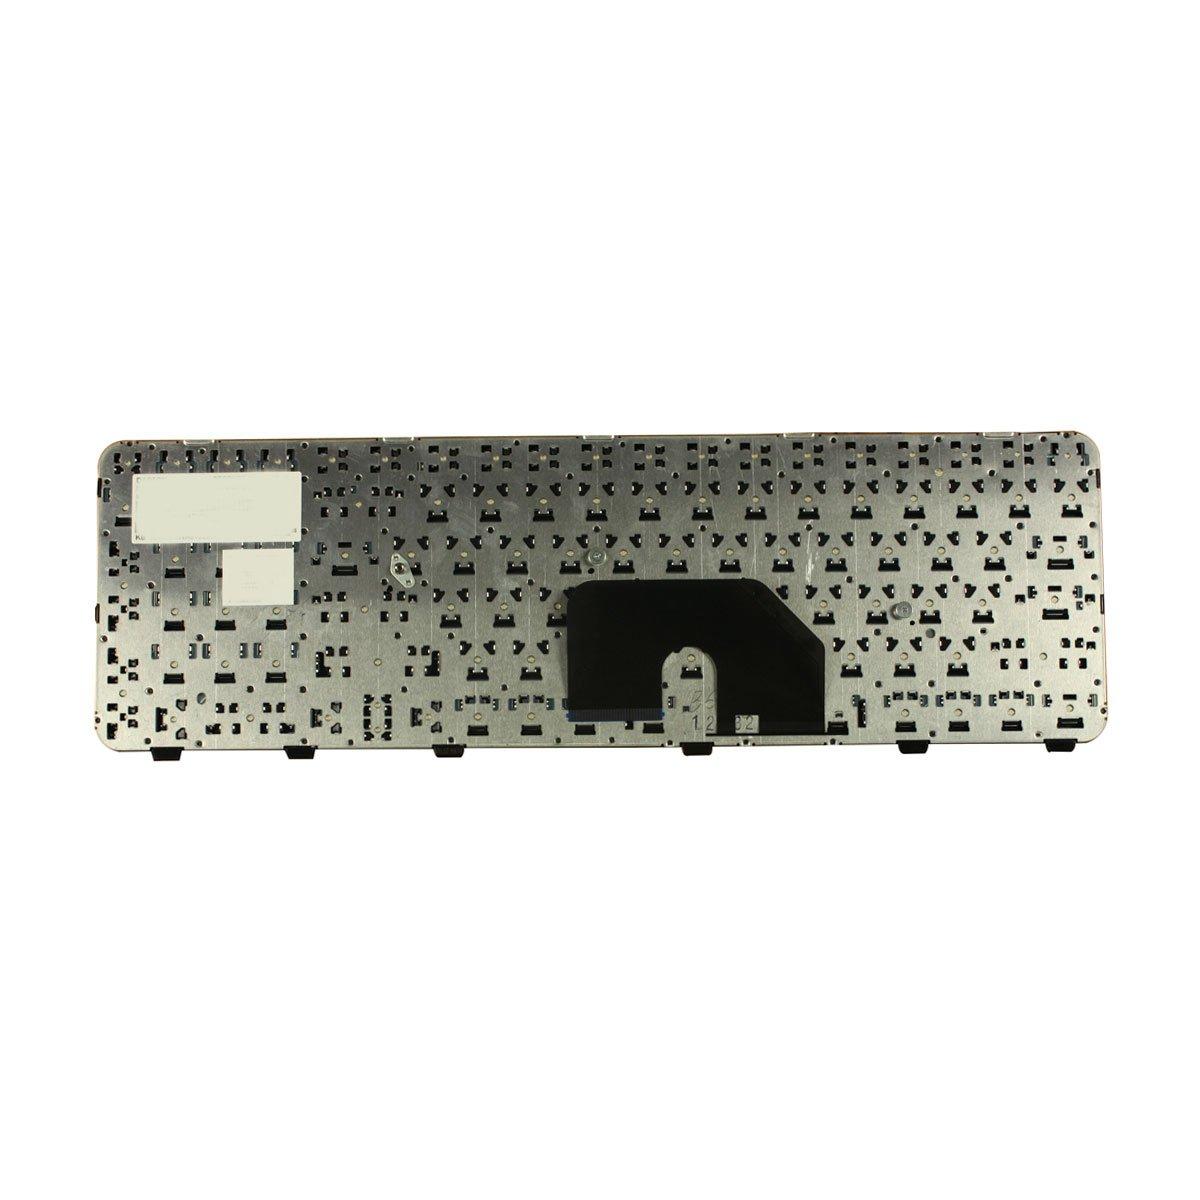 Keyboard for HP Pavilion dv6 dv6-6000 dv6t-6000 dv6-6135ca UK English